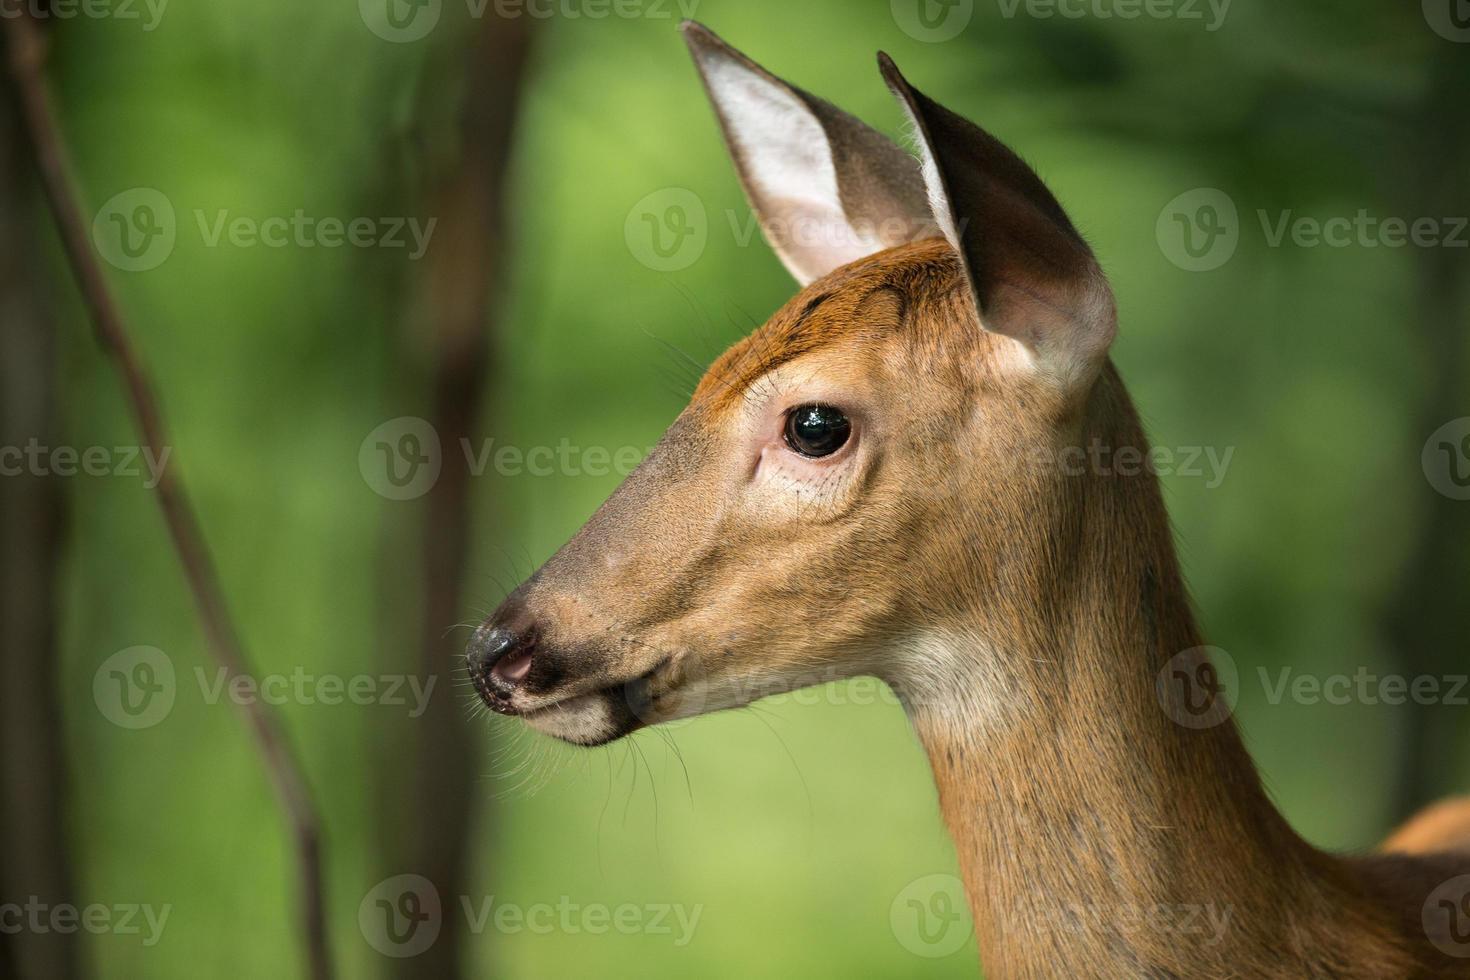 venado cola blanca en alerta en el bosque foto